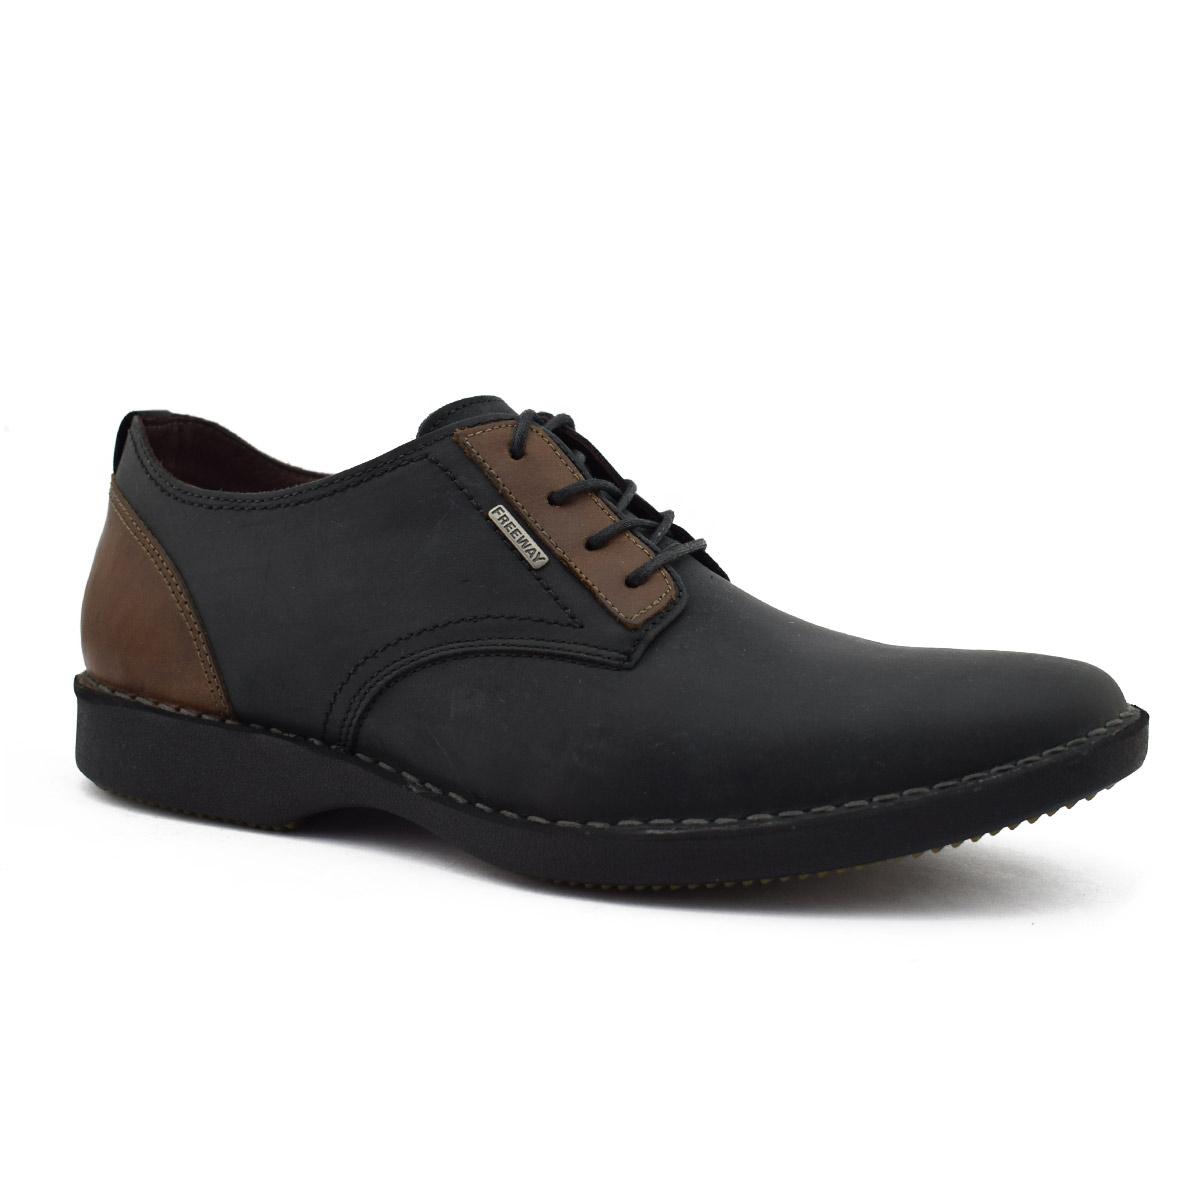 acb427a4de5 zapatos-casual-hombre-dino-butelli-shoes